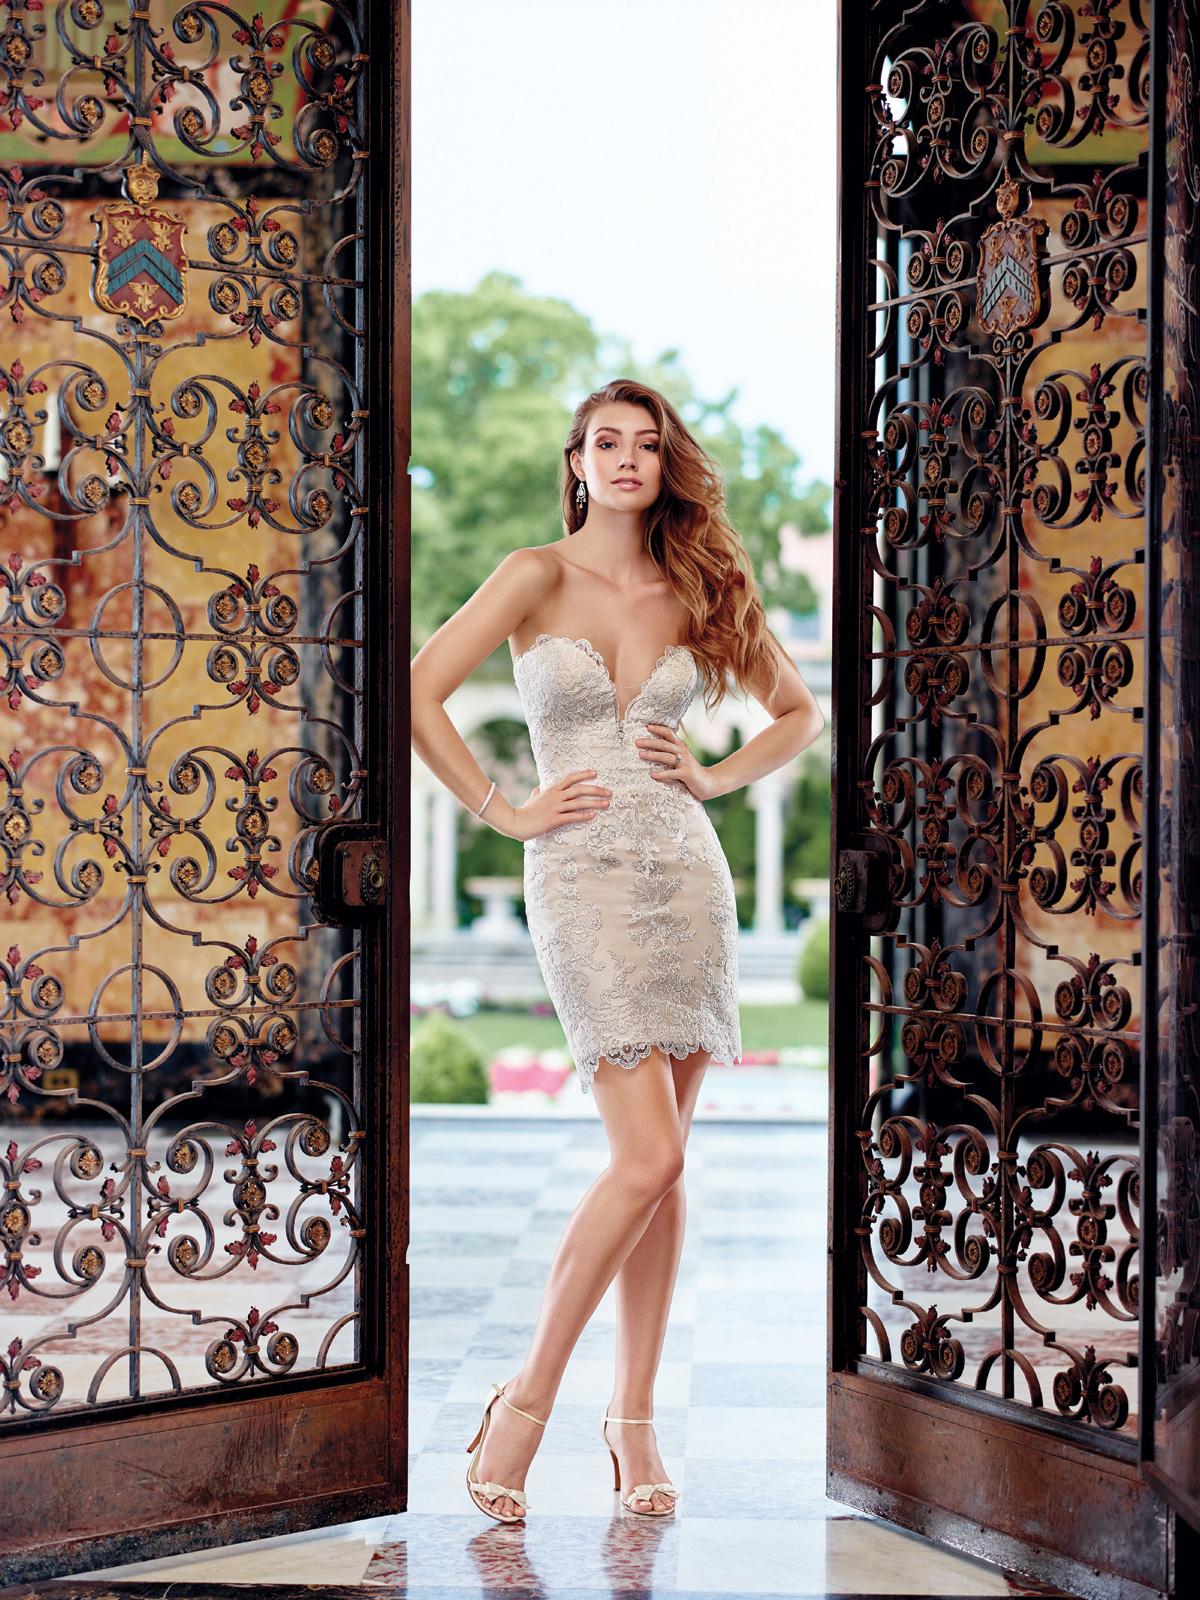 Vestido de Noiva duas peças, tomara que caia com decote princesa e transparência, justo e curto confeccionado em renda soutache francesa e detalhe de saia sobreposta com cauda em tule francês.